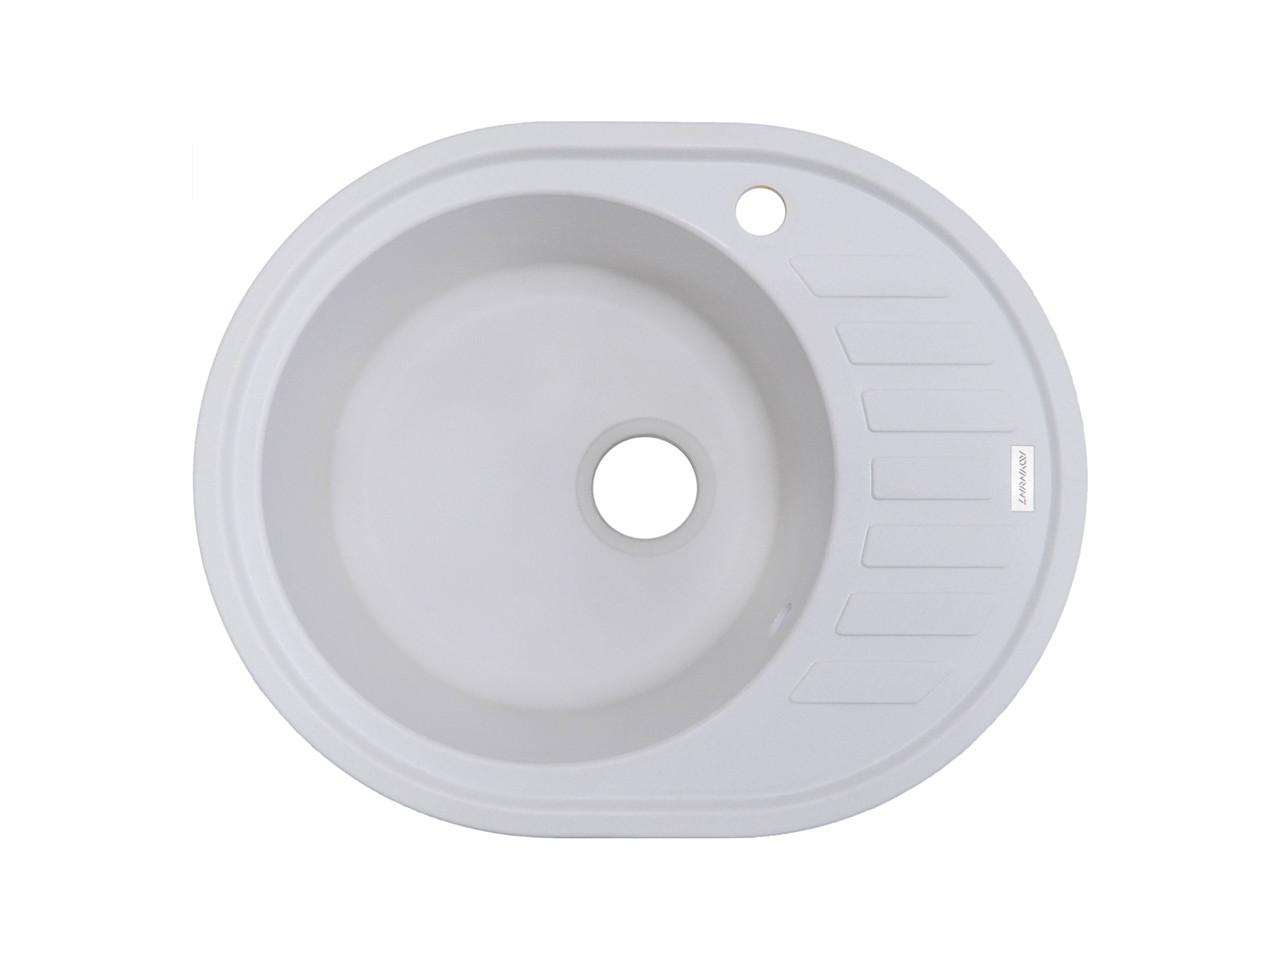 Кухонная мойка гранитная белая 62*50 см ADAMANT OVUM (белый)